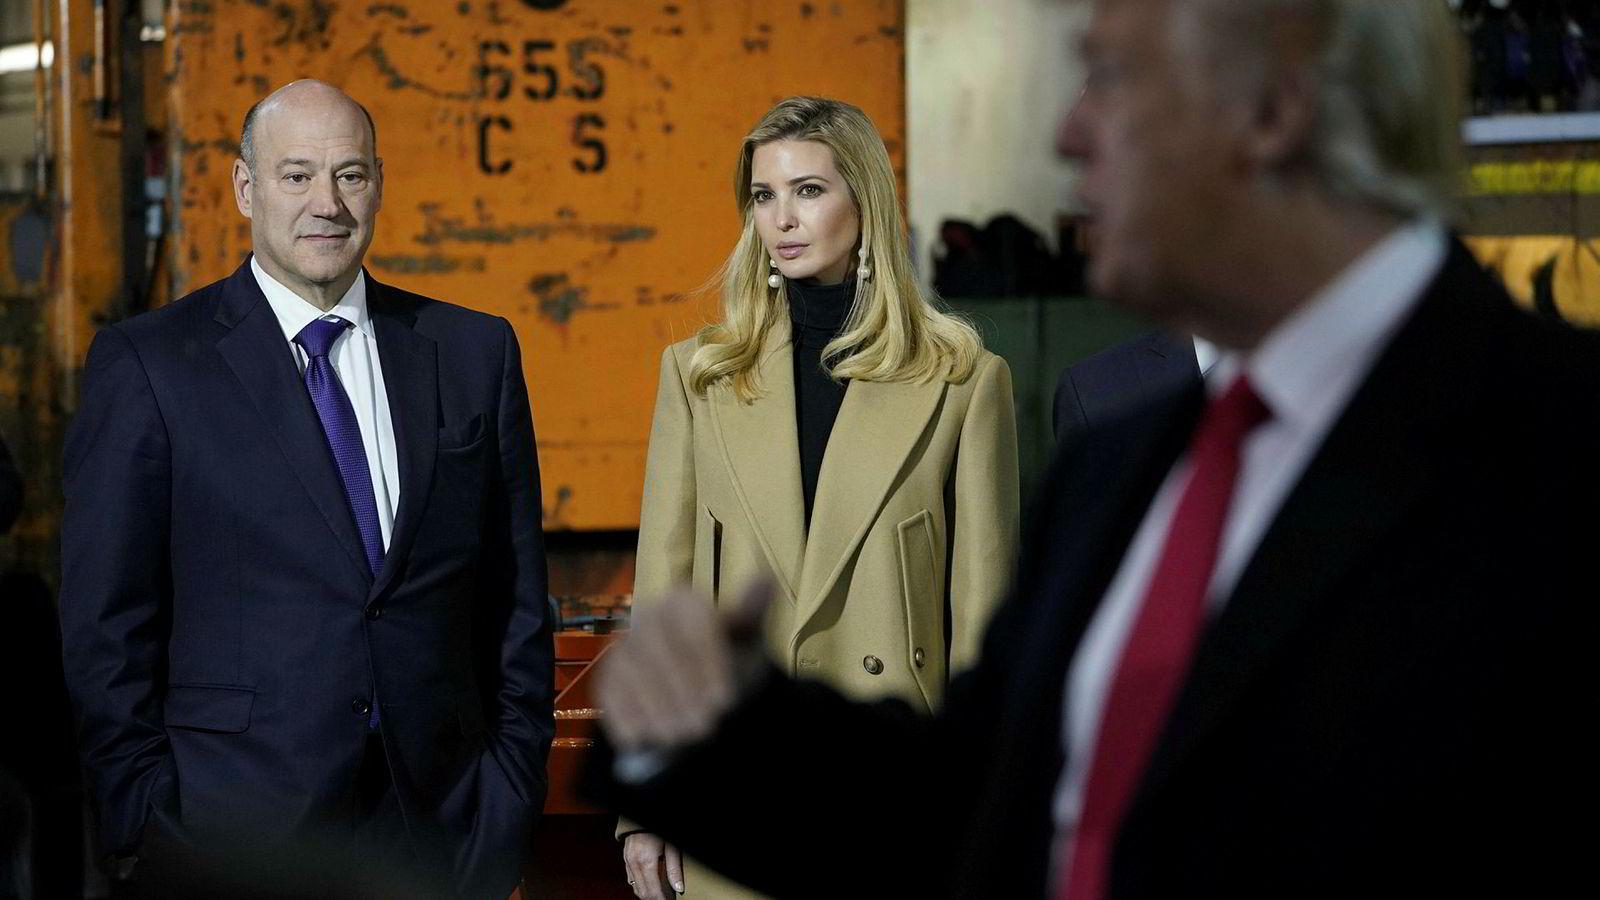 Gary Cohn nådde ikke gjennom til president Donald Trump, noe han tok konsekvensen av og sa opp jobben. I midten presidentens datter Ivanka Trump.